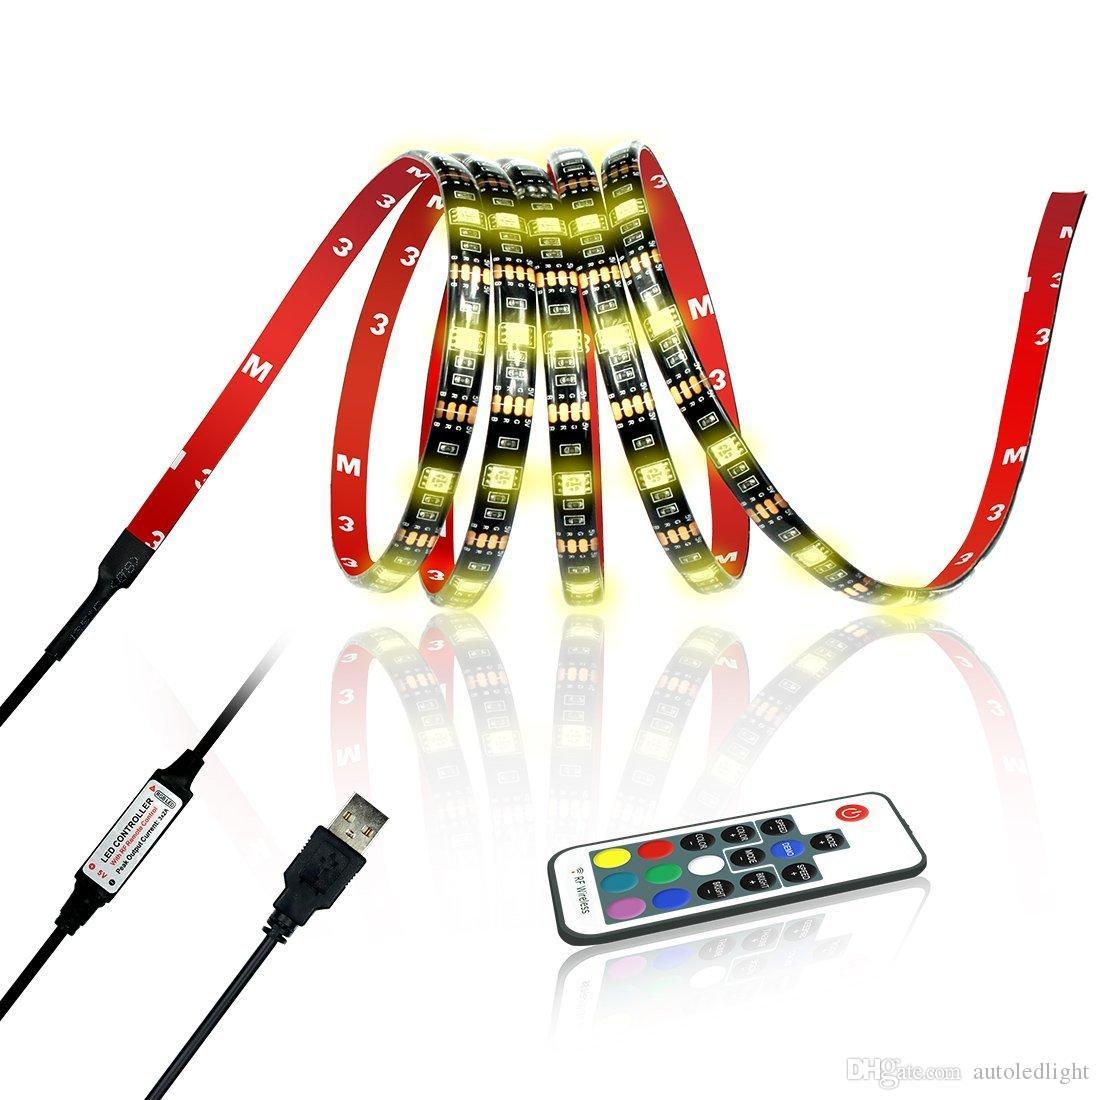 RGB LED Şerit 5050 30LED M DC 5 V USB LED Işık Şeritleri Su Geçirmez Esnek Neon Bant 1 M-5 M TV Arka Plan Için Uzaktan ekleyin